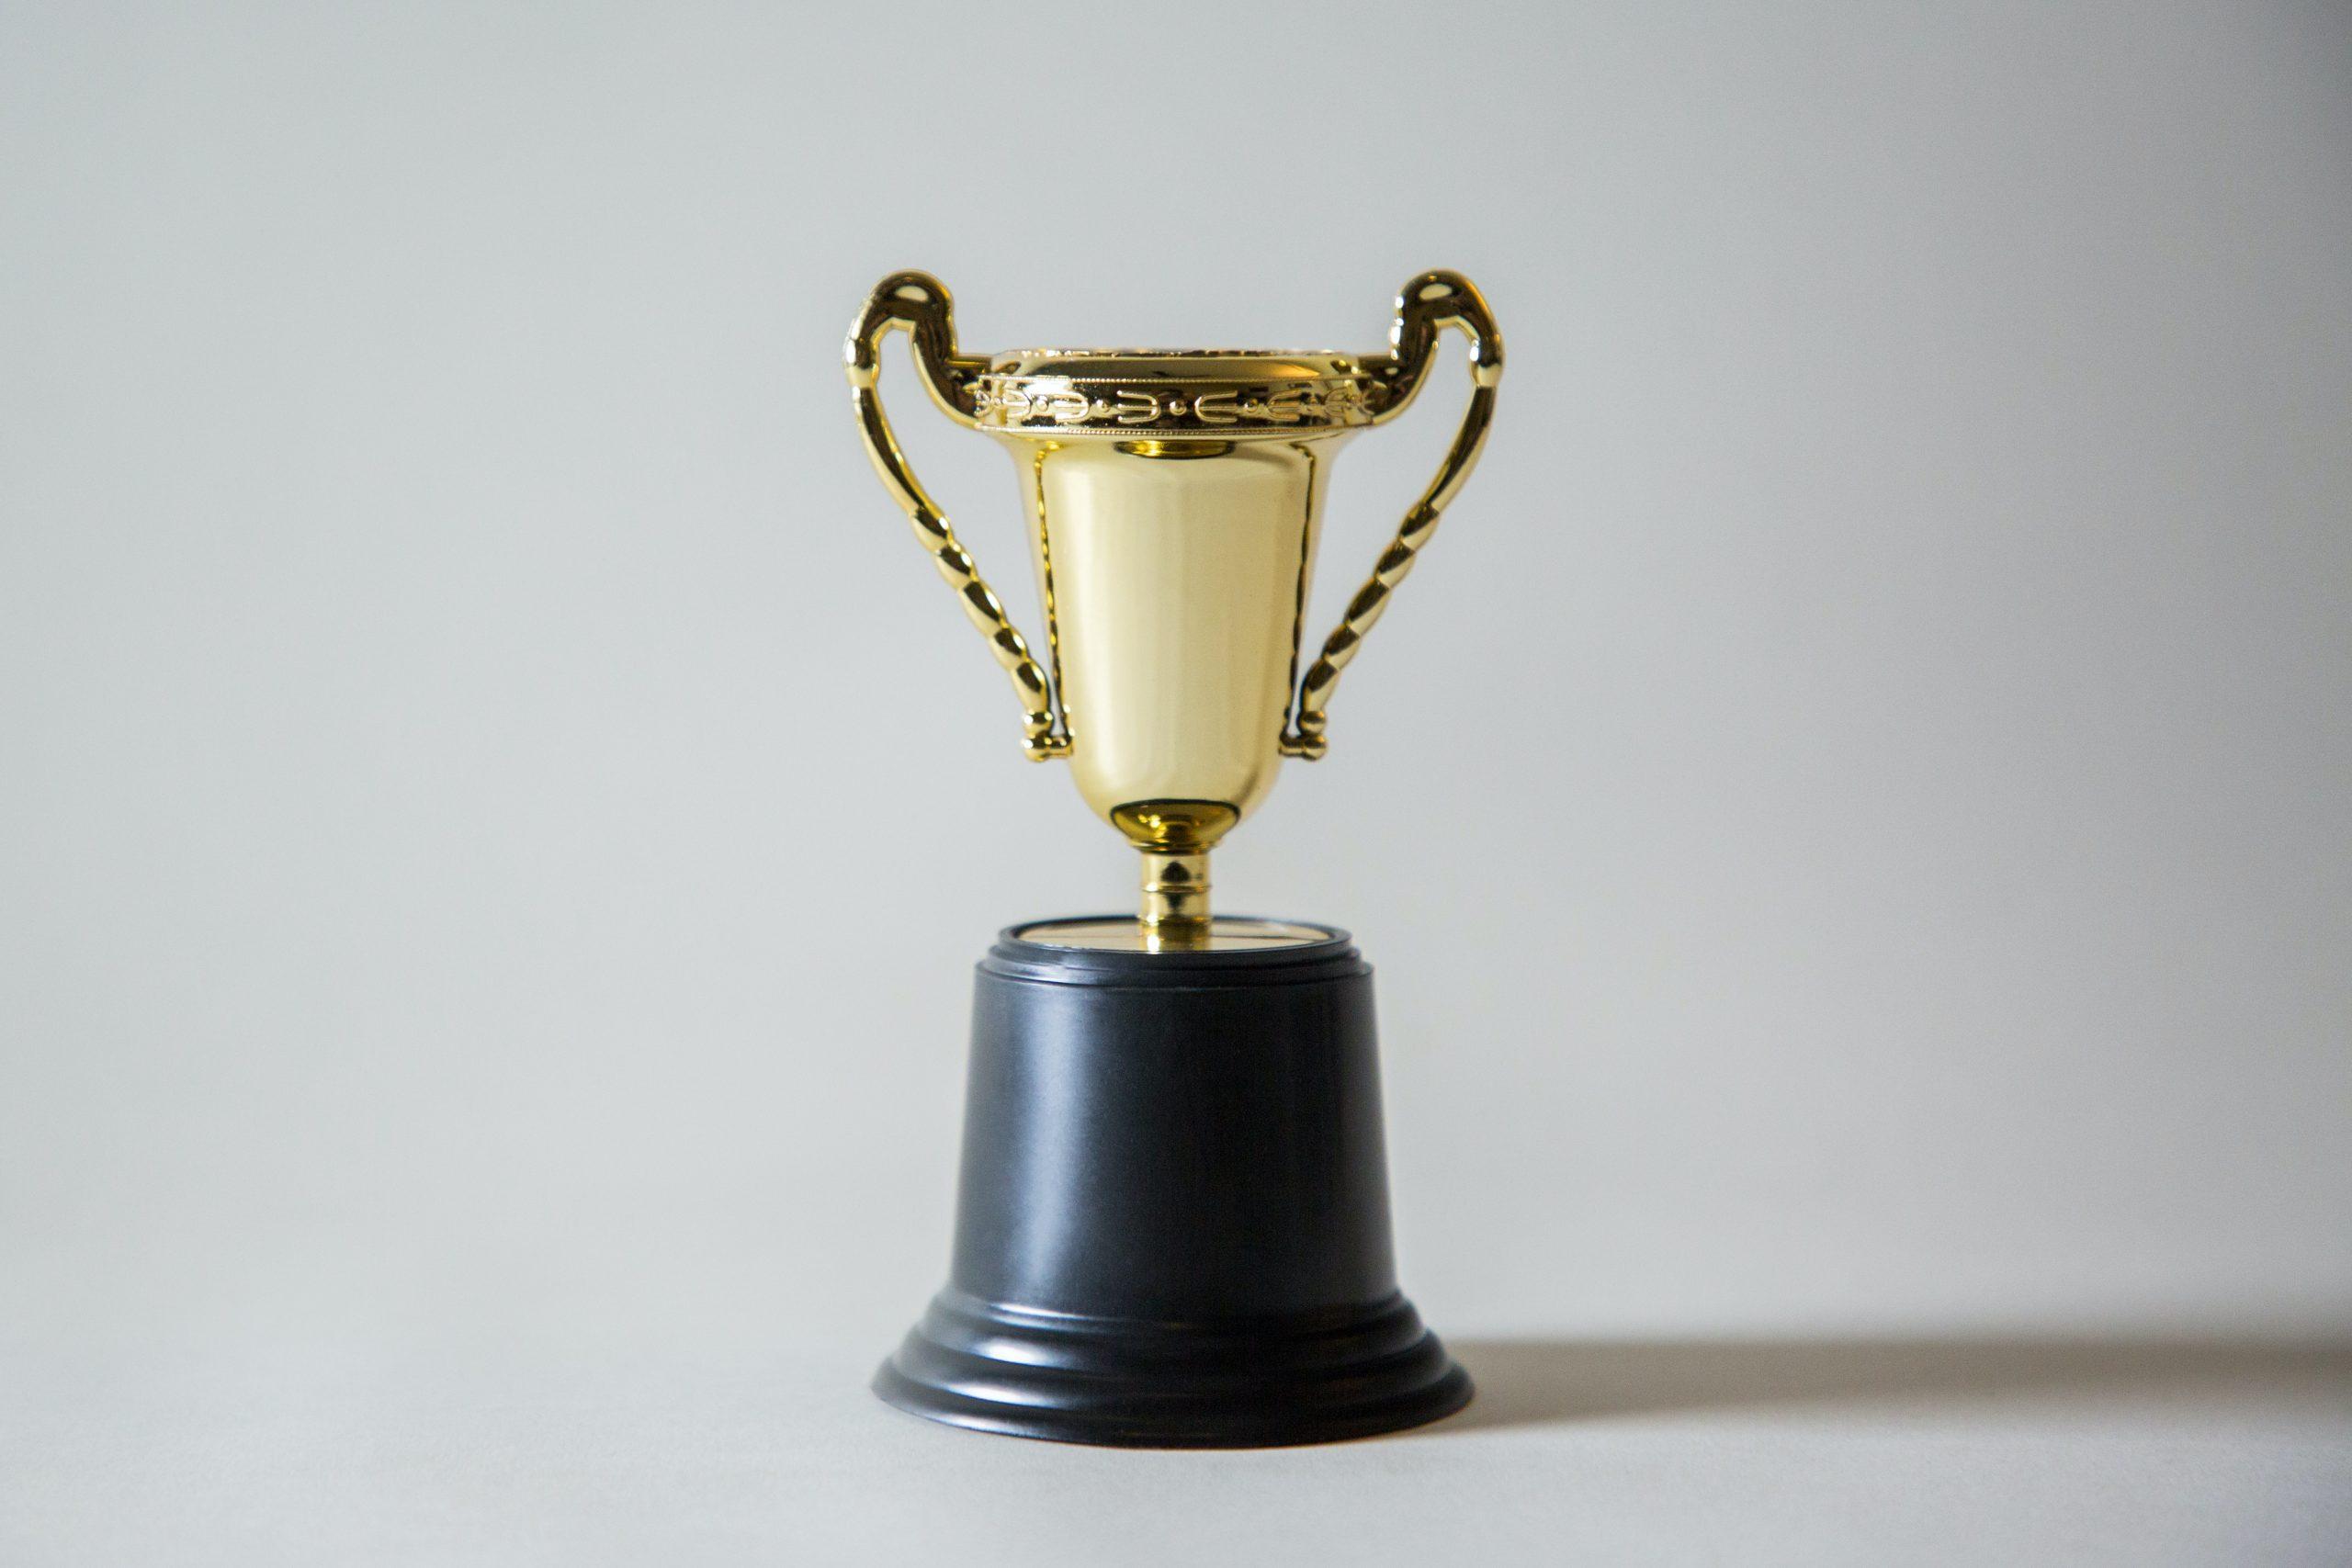 Wie verdient de Jan-Willem Bertens Trofee?